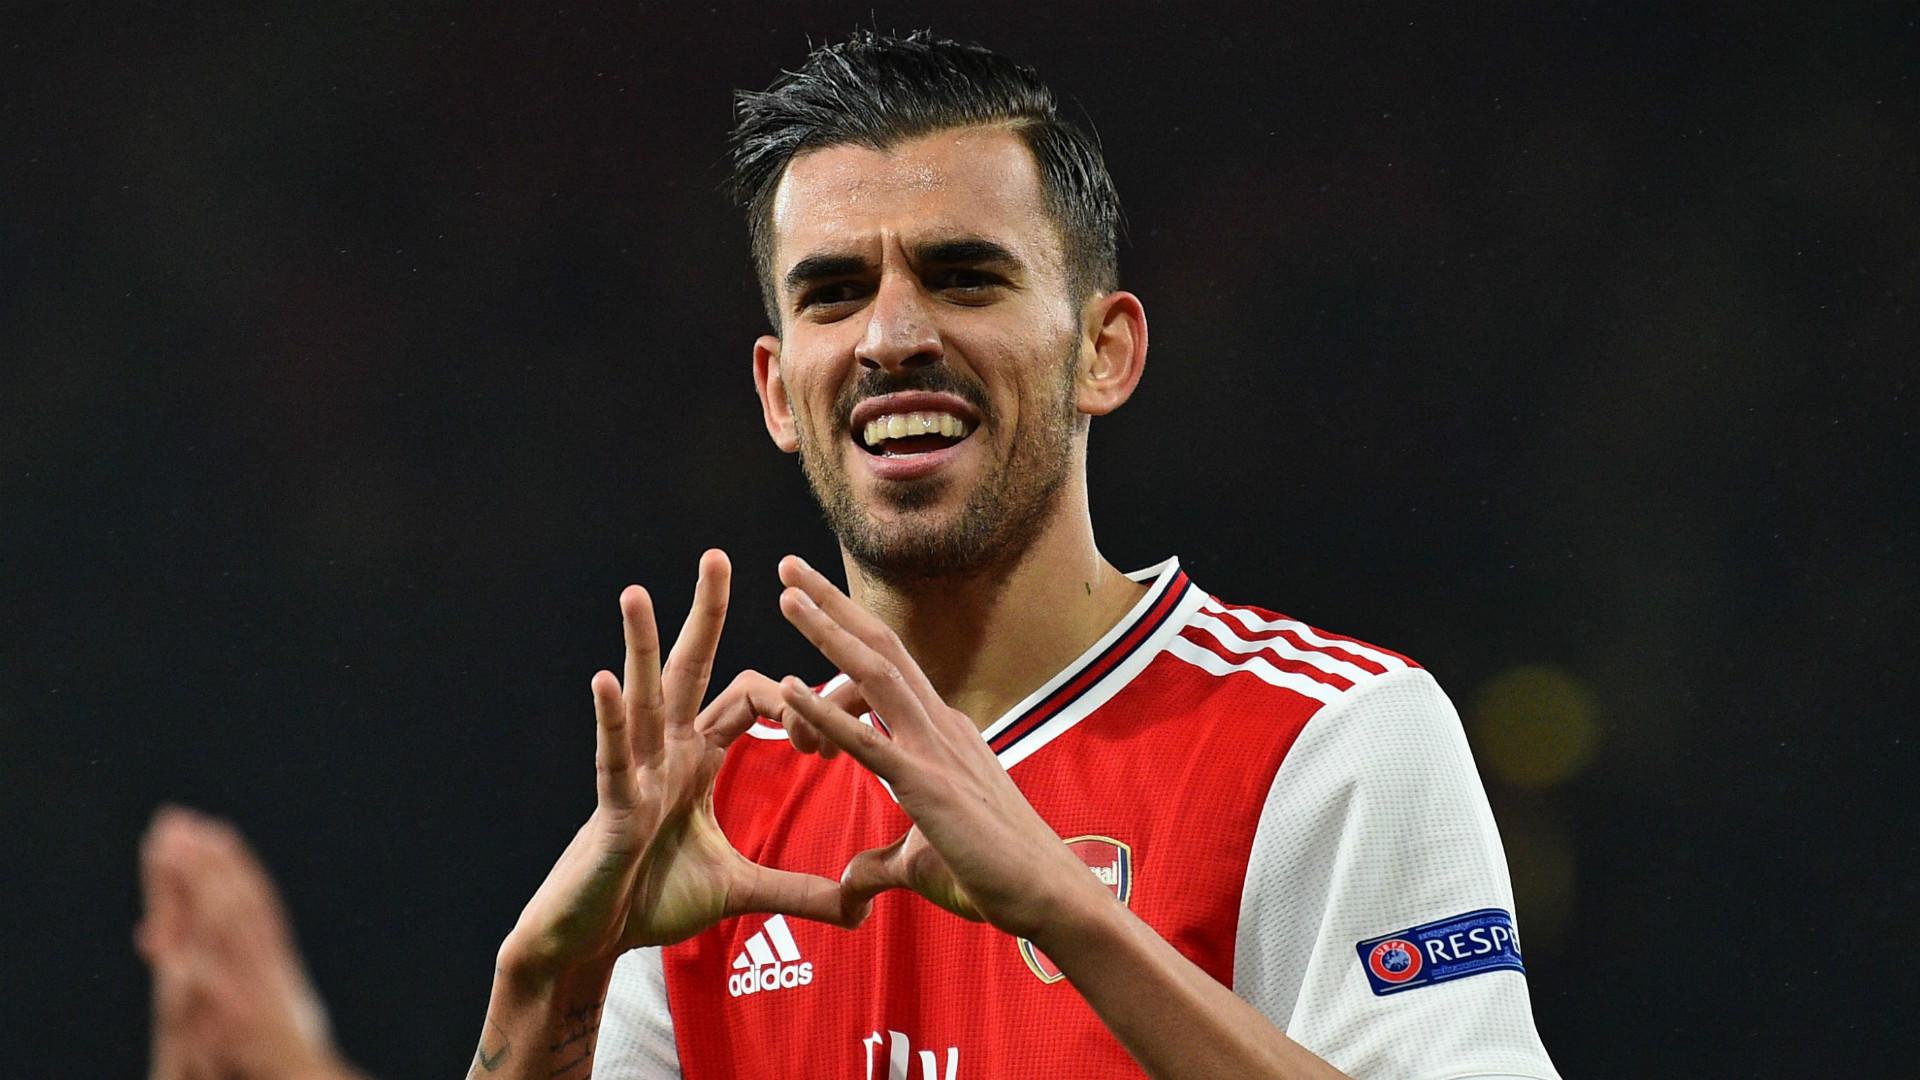 Bỏ ra 13 triệu, Arsenal chuẩn bị thâu tóm tiền vệ của Barcelona  - Bóng Đá